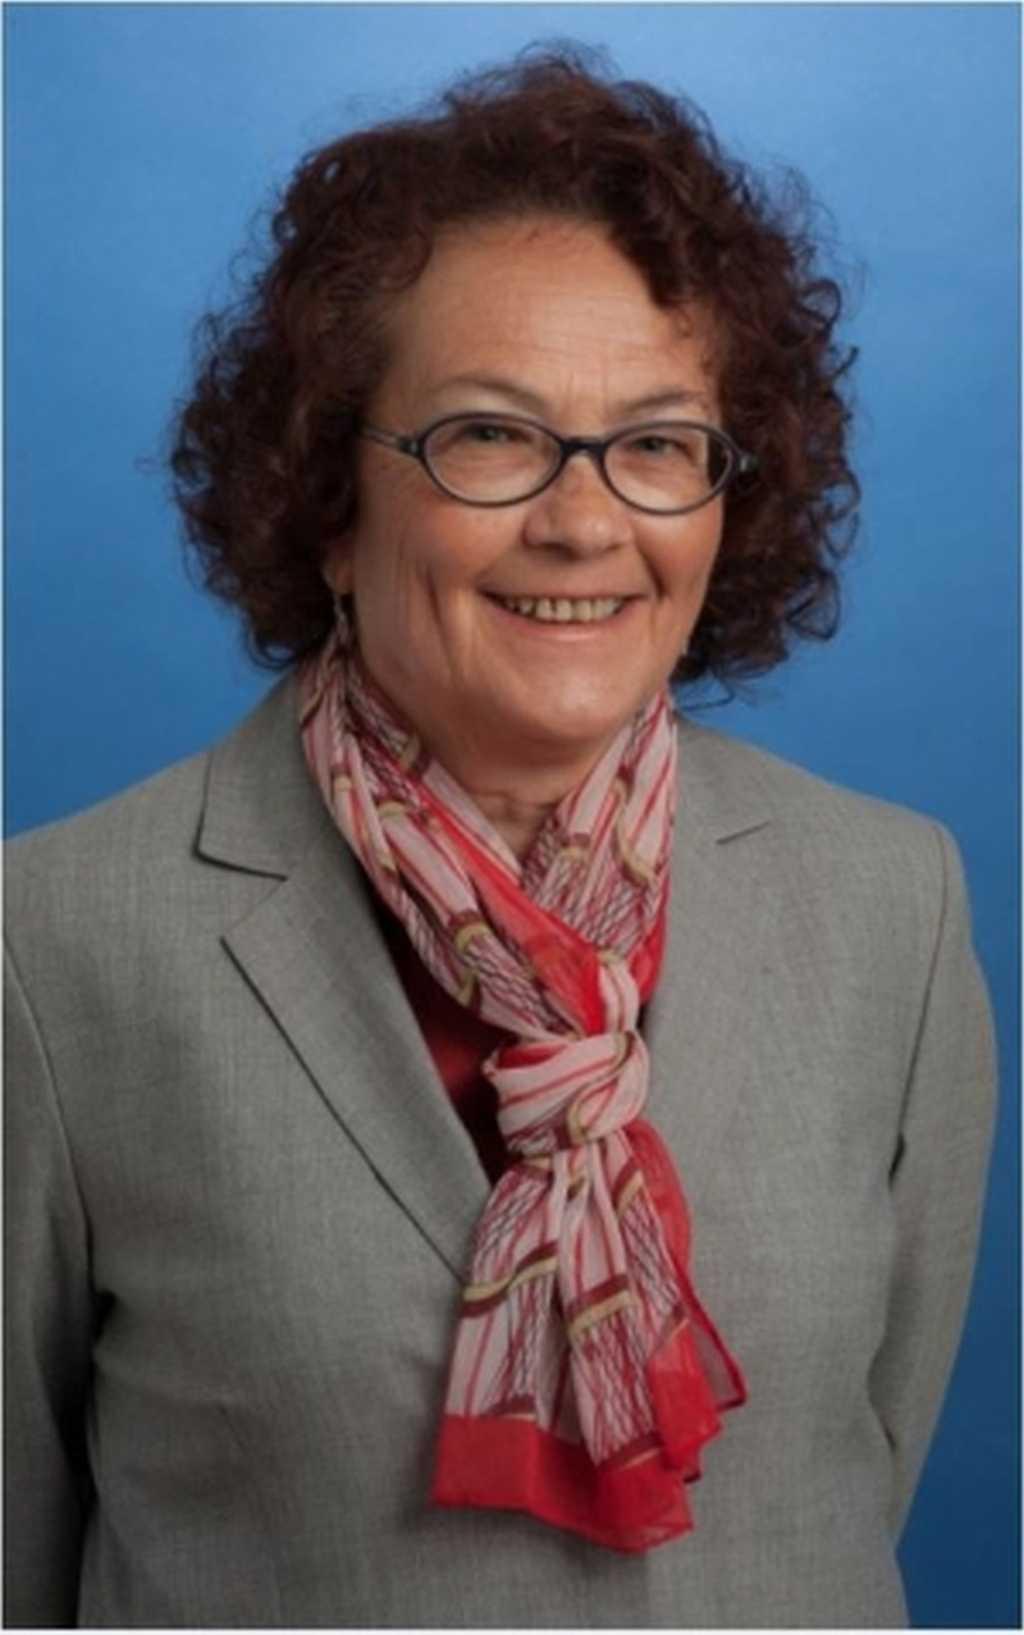 San Secondo di Pinerolo – Adriana Sadone eletta sindaco